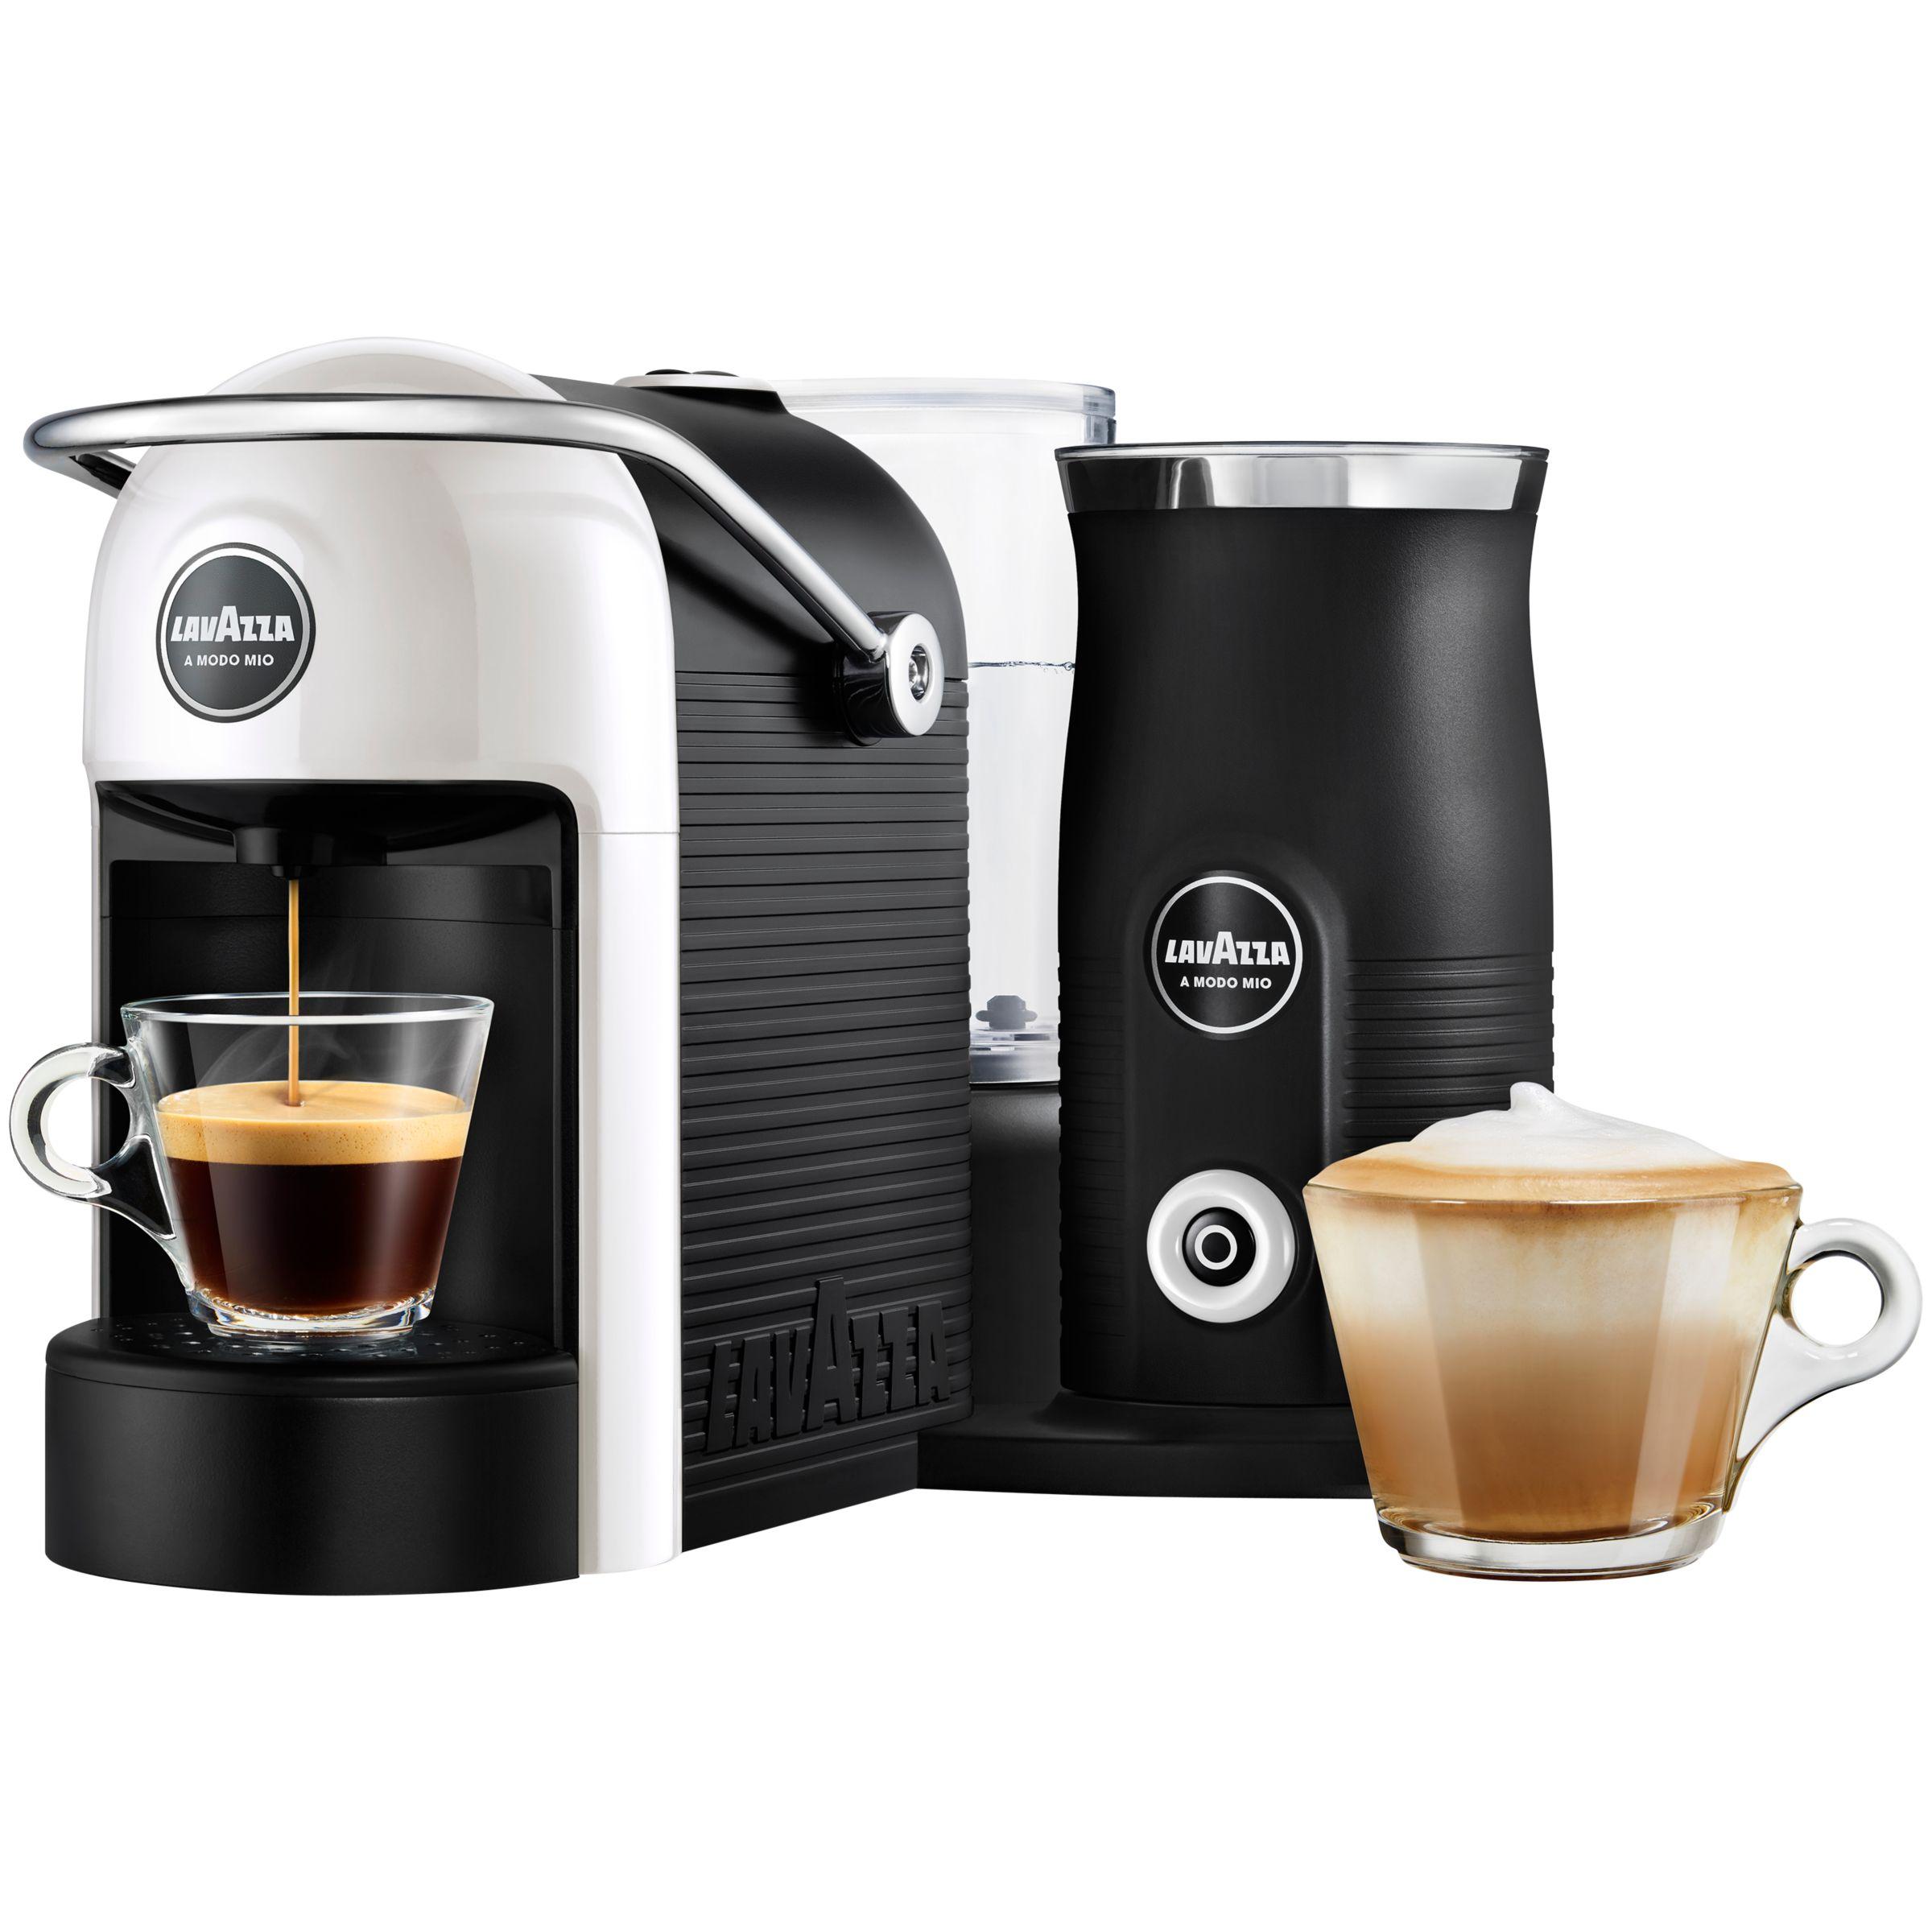 Lavazza Lavazza A Modo Mio Jolie Plus Coffee Machine with Milk Frother